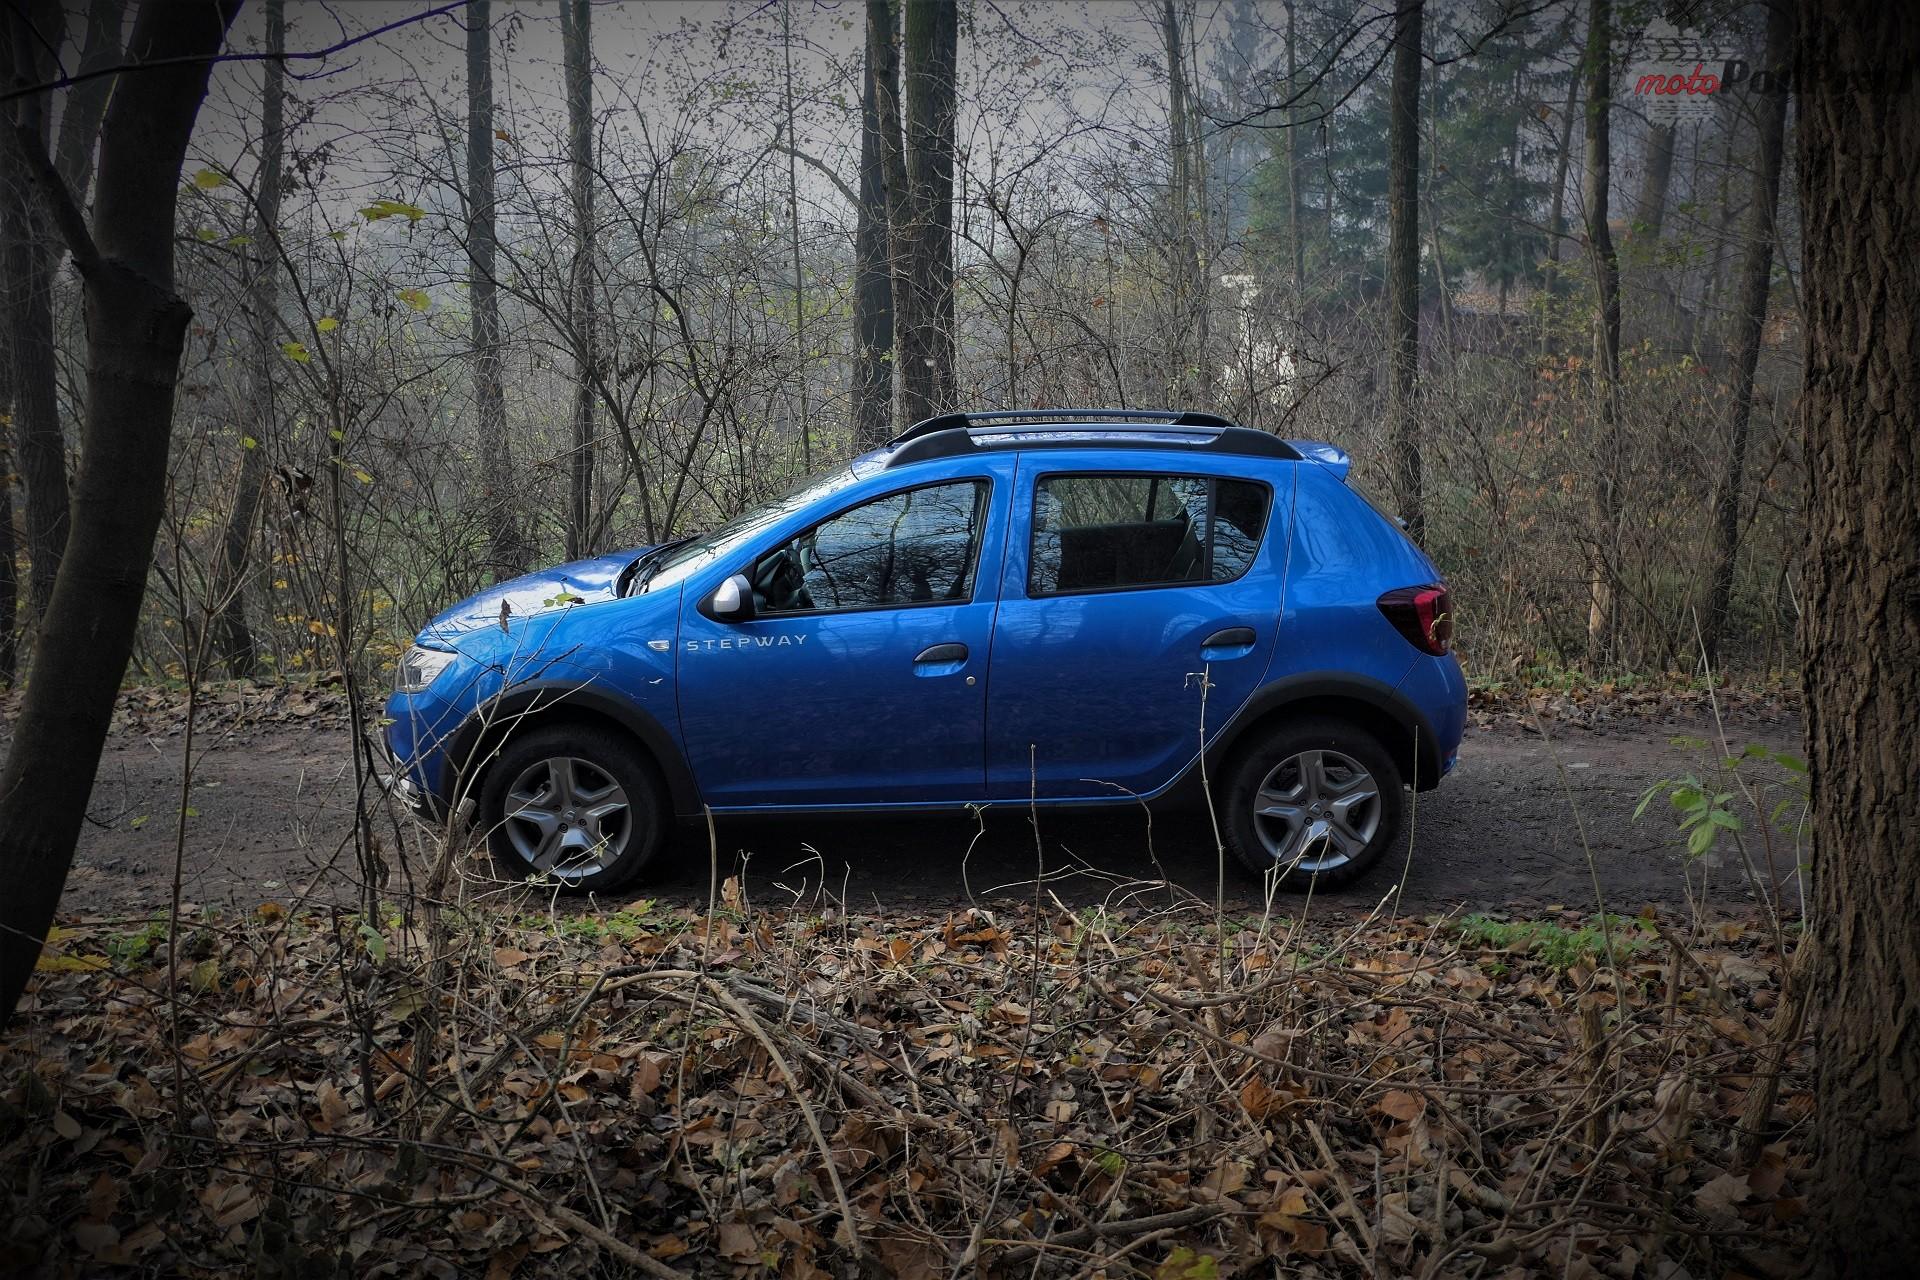 Dacia Sandero Stepway 6 Test: Dacia Sandero Stepway   w prostocie siła